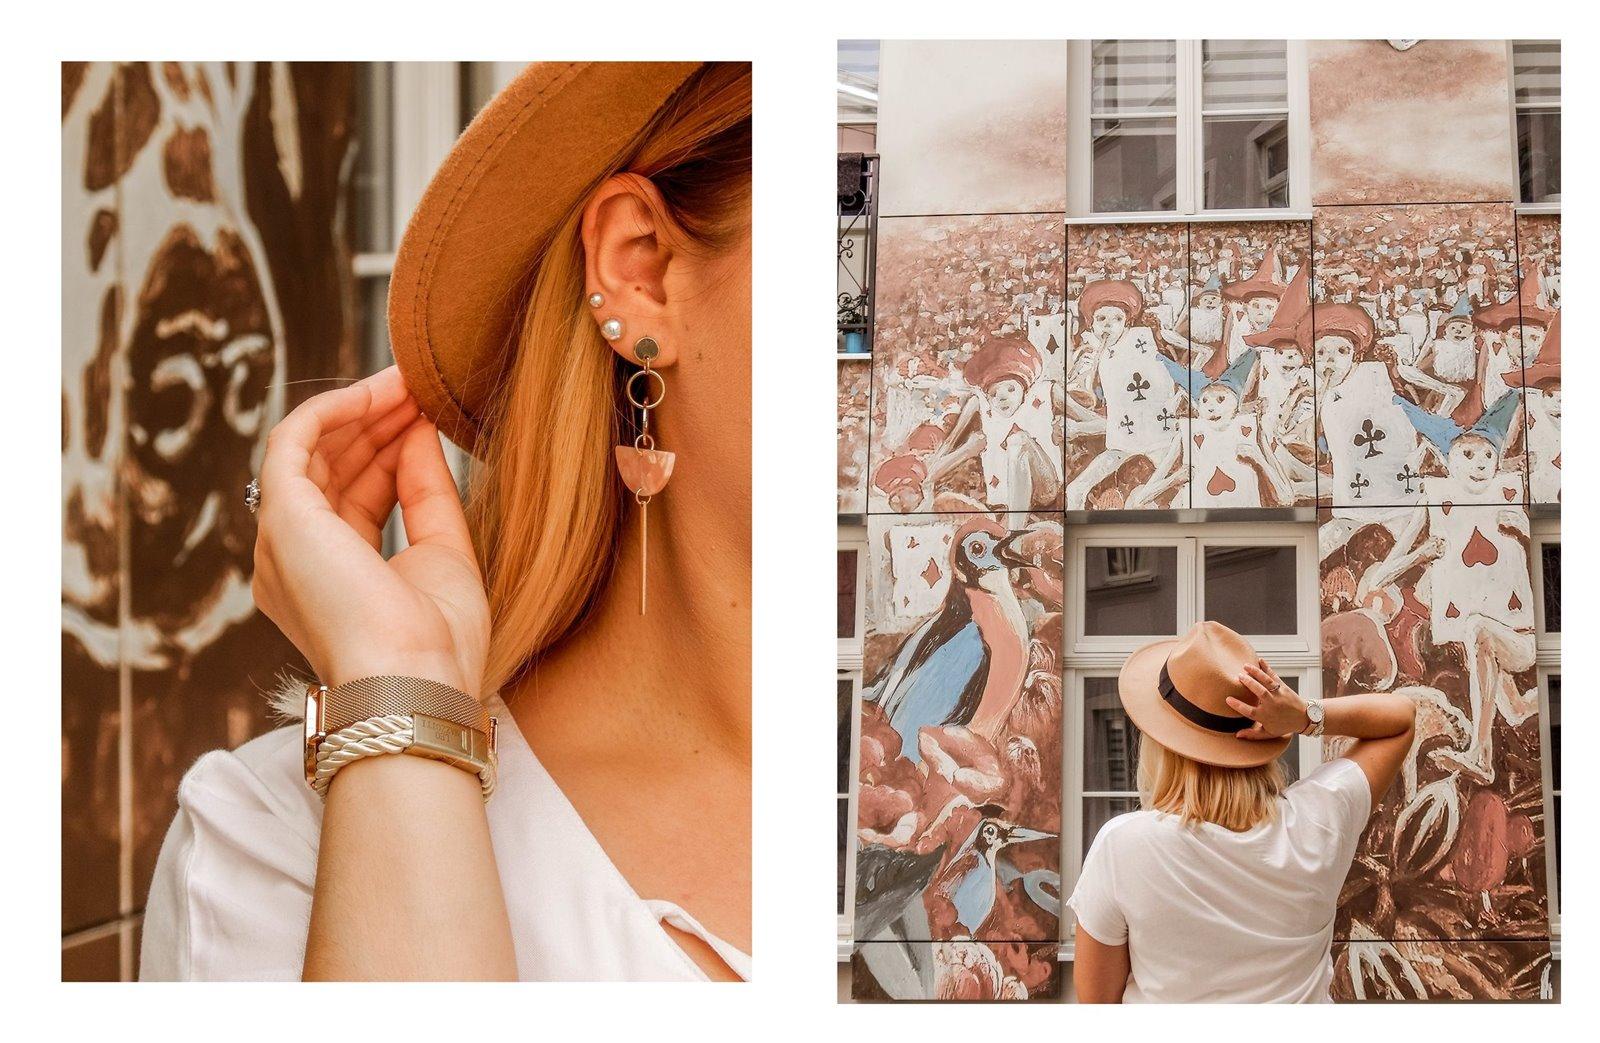 11 łódź podwórko artystyczne przy ul. Więckowskiego 4 murale łódzkie graffiti artystyczne podwórka miejsca które warto zobaczyć instafriendly miejsca w łodzi na sesje zdjęciowe dla blogerów ładne piękne kolorowe